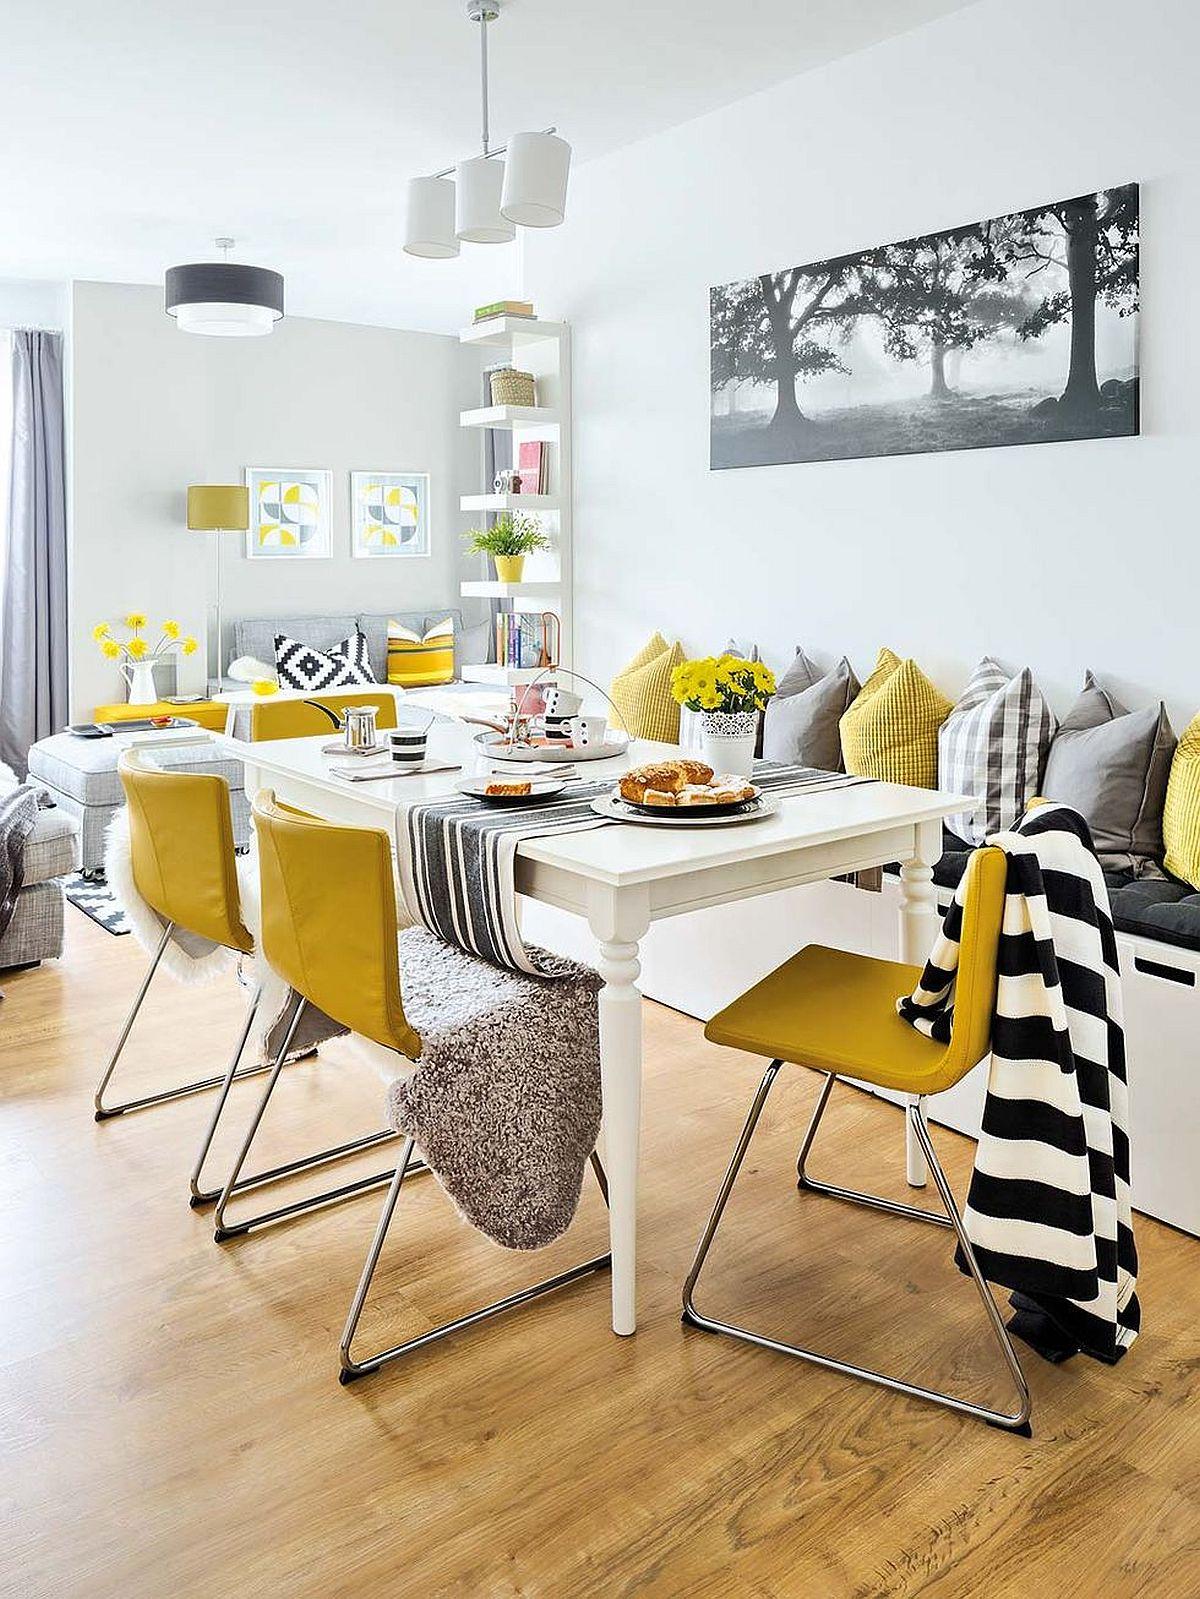 Designerii au mizat pe simplitate: pereți albi, parchetul existent inițial fiind păstrat, astfel că prin piese mici de mobilier (scaune) și decorațiuni au adus culoare, dar și imprimeuri, deci mai multă vivacitate. Au completat fiecare zonă cu decorațiuni bine alese, cum ar fi tabloul deasupra banchetelor, suficient de neutru, grafic și potrivit pentru familie.